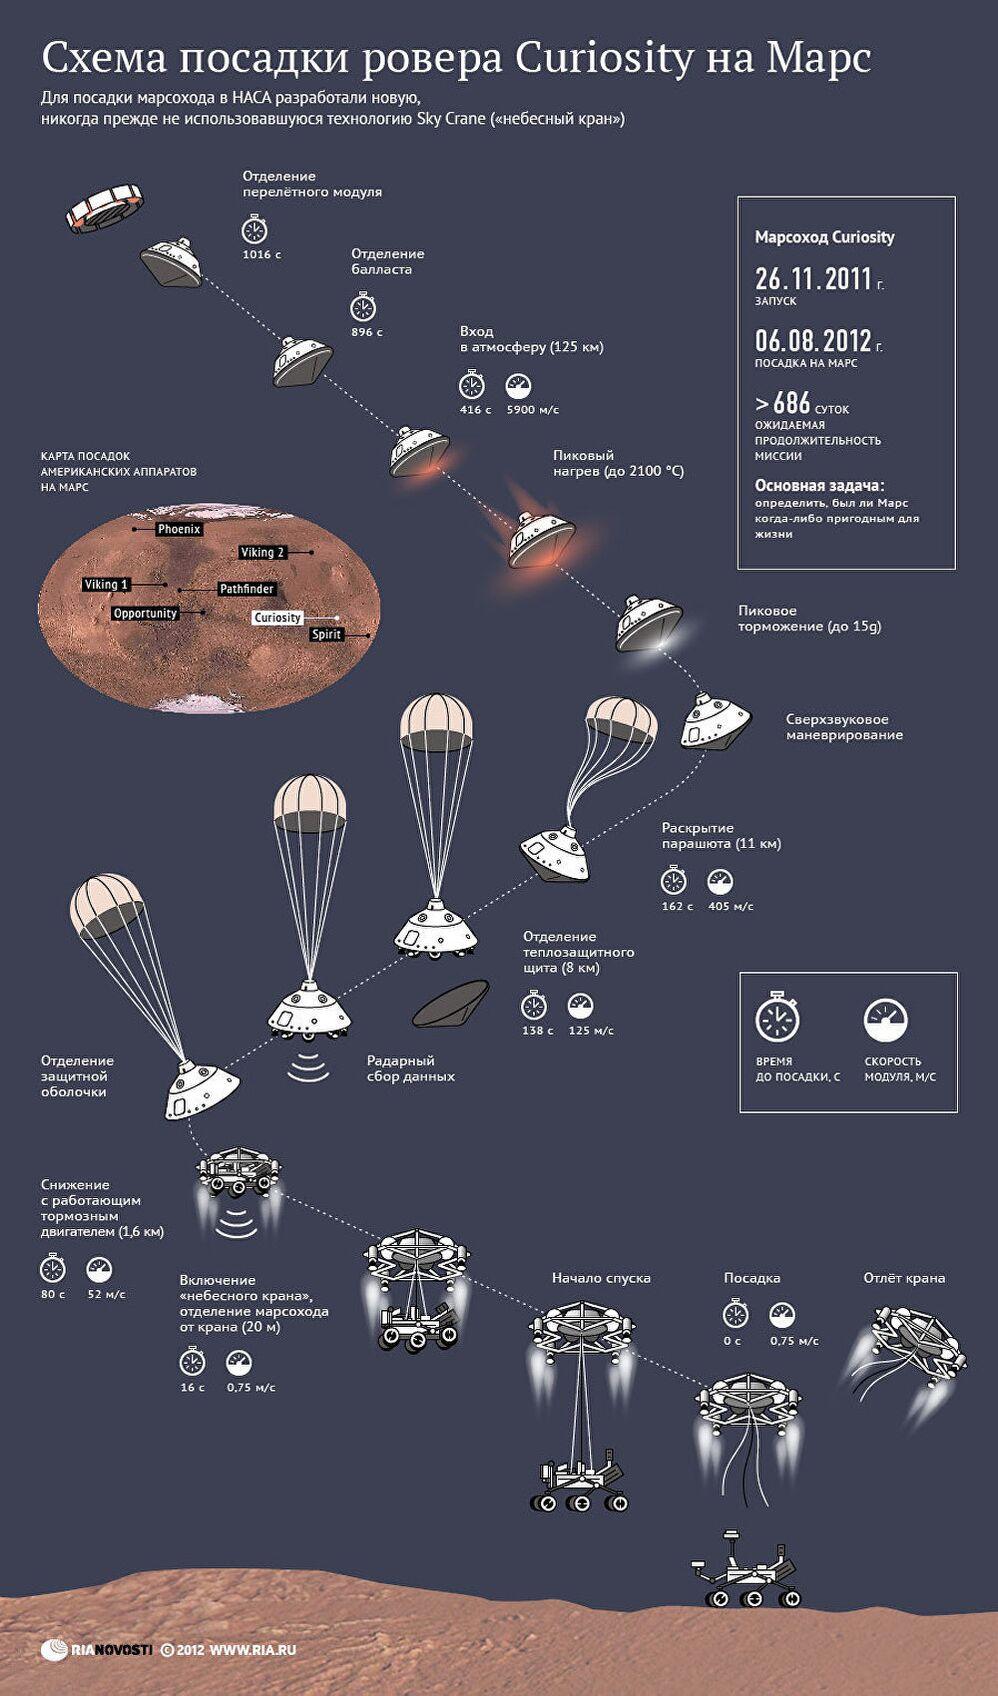 Схема посадки марсохода НАСА Curiosity